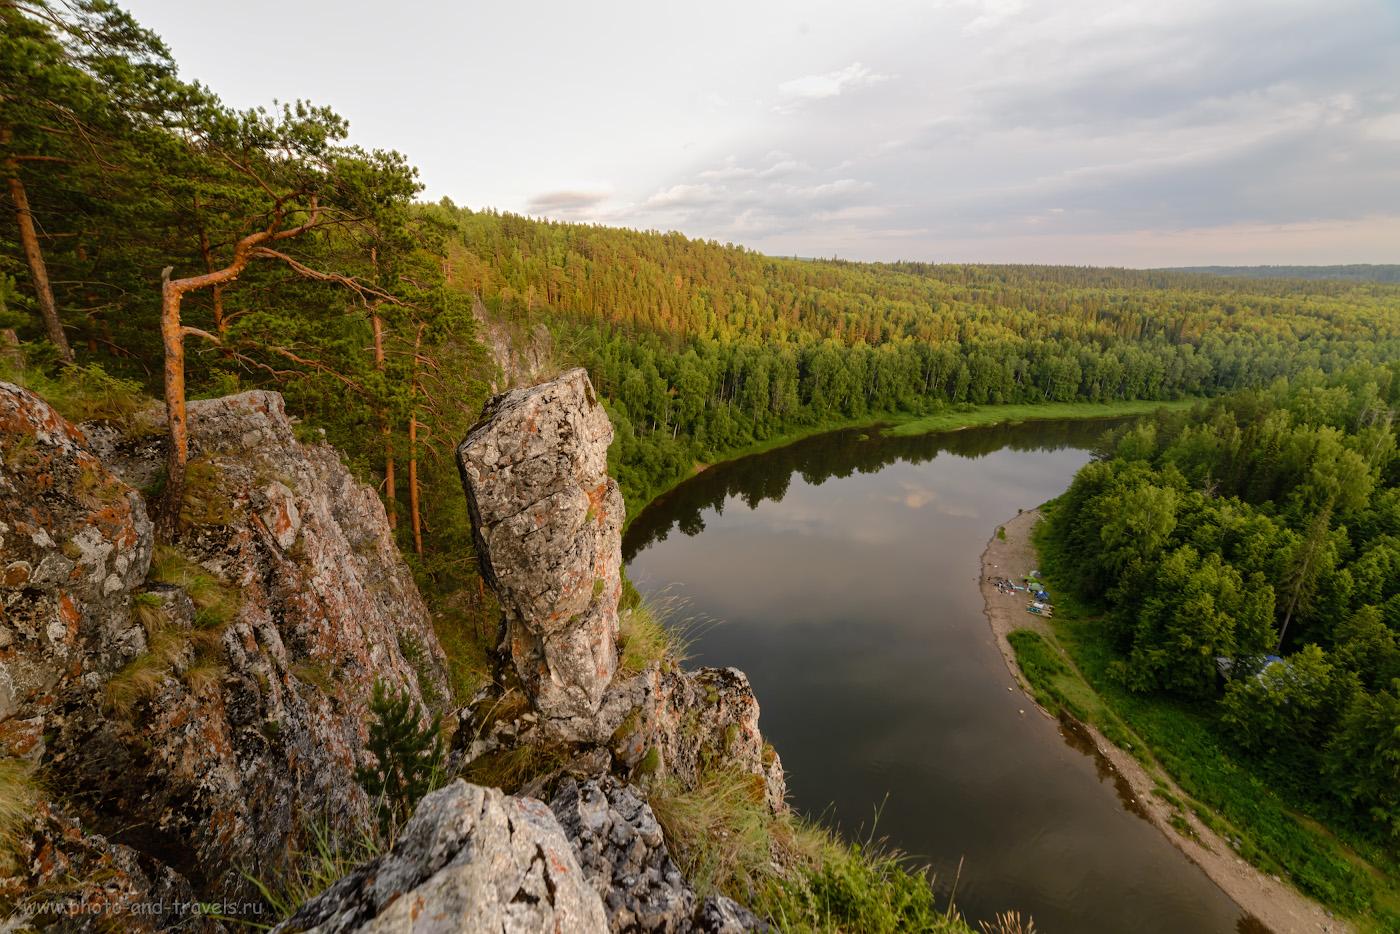 Фотография 15. Пейзаж, открывающийся с вершины бойца Омутной камень. 1/30, 9.0, 160, -0.33, 14.